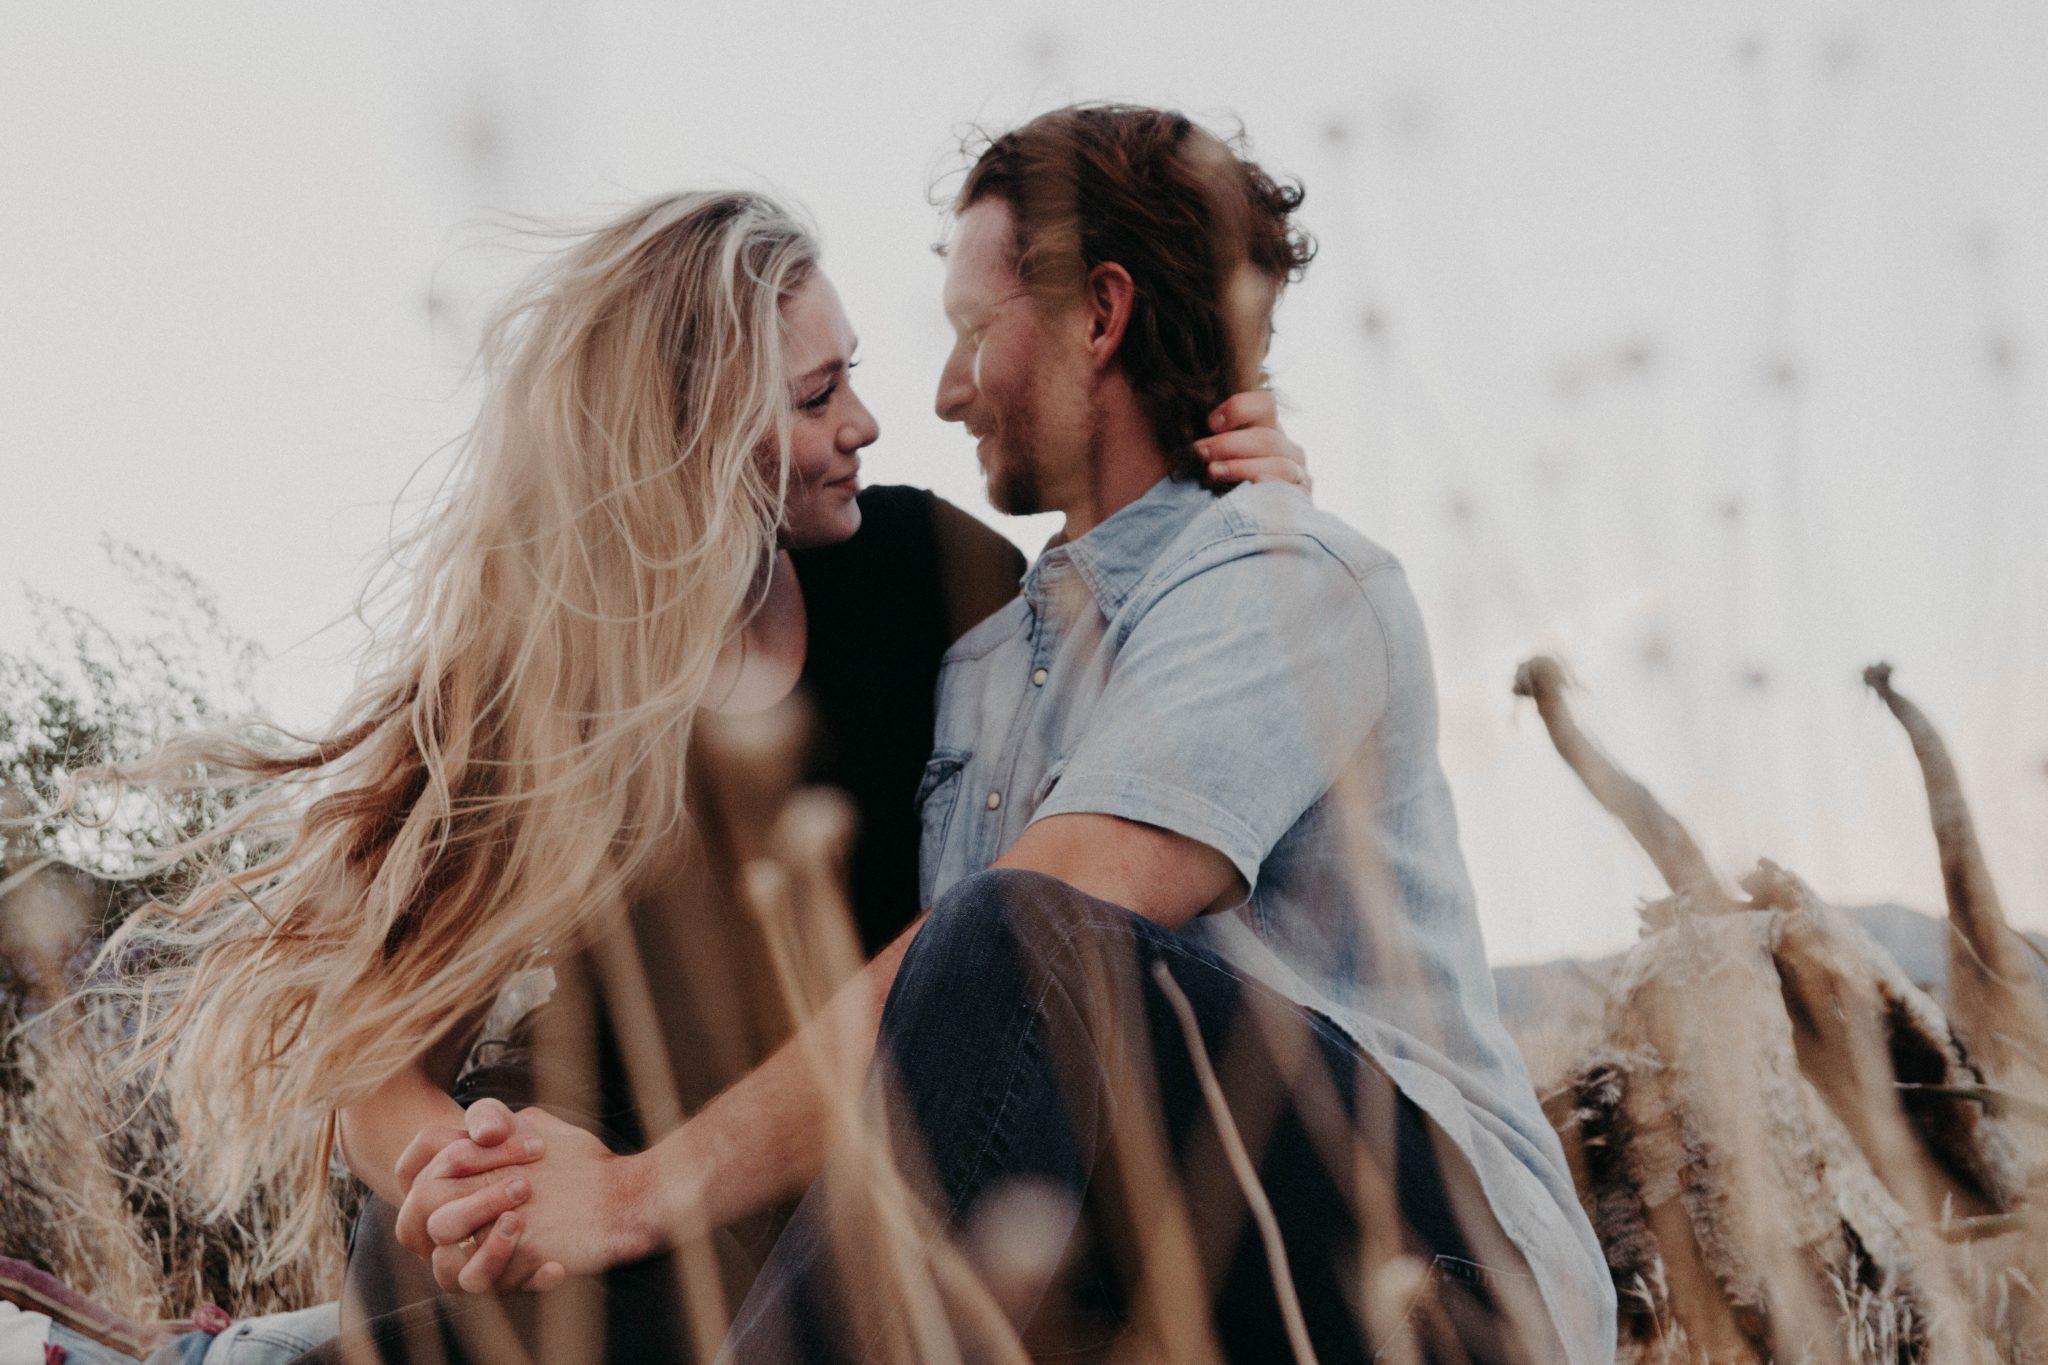 párkapcsolat és szexuálterápia